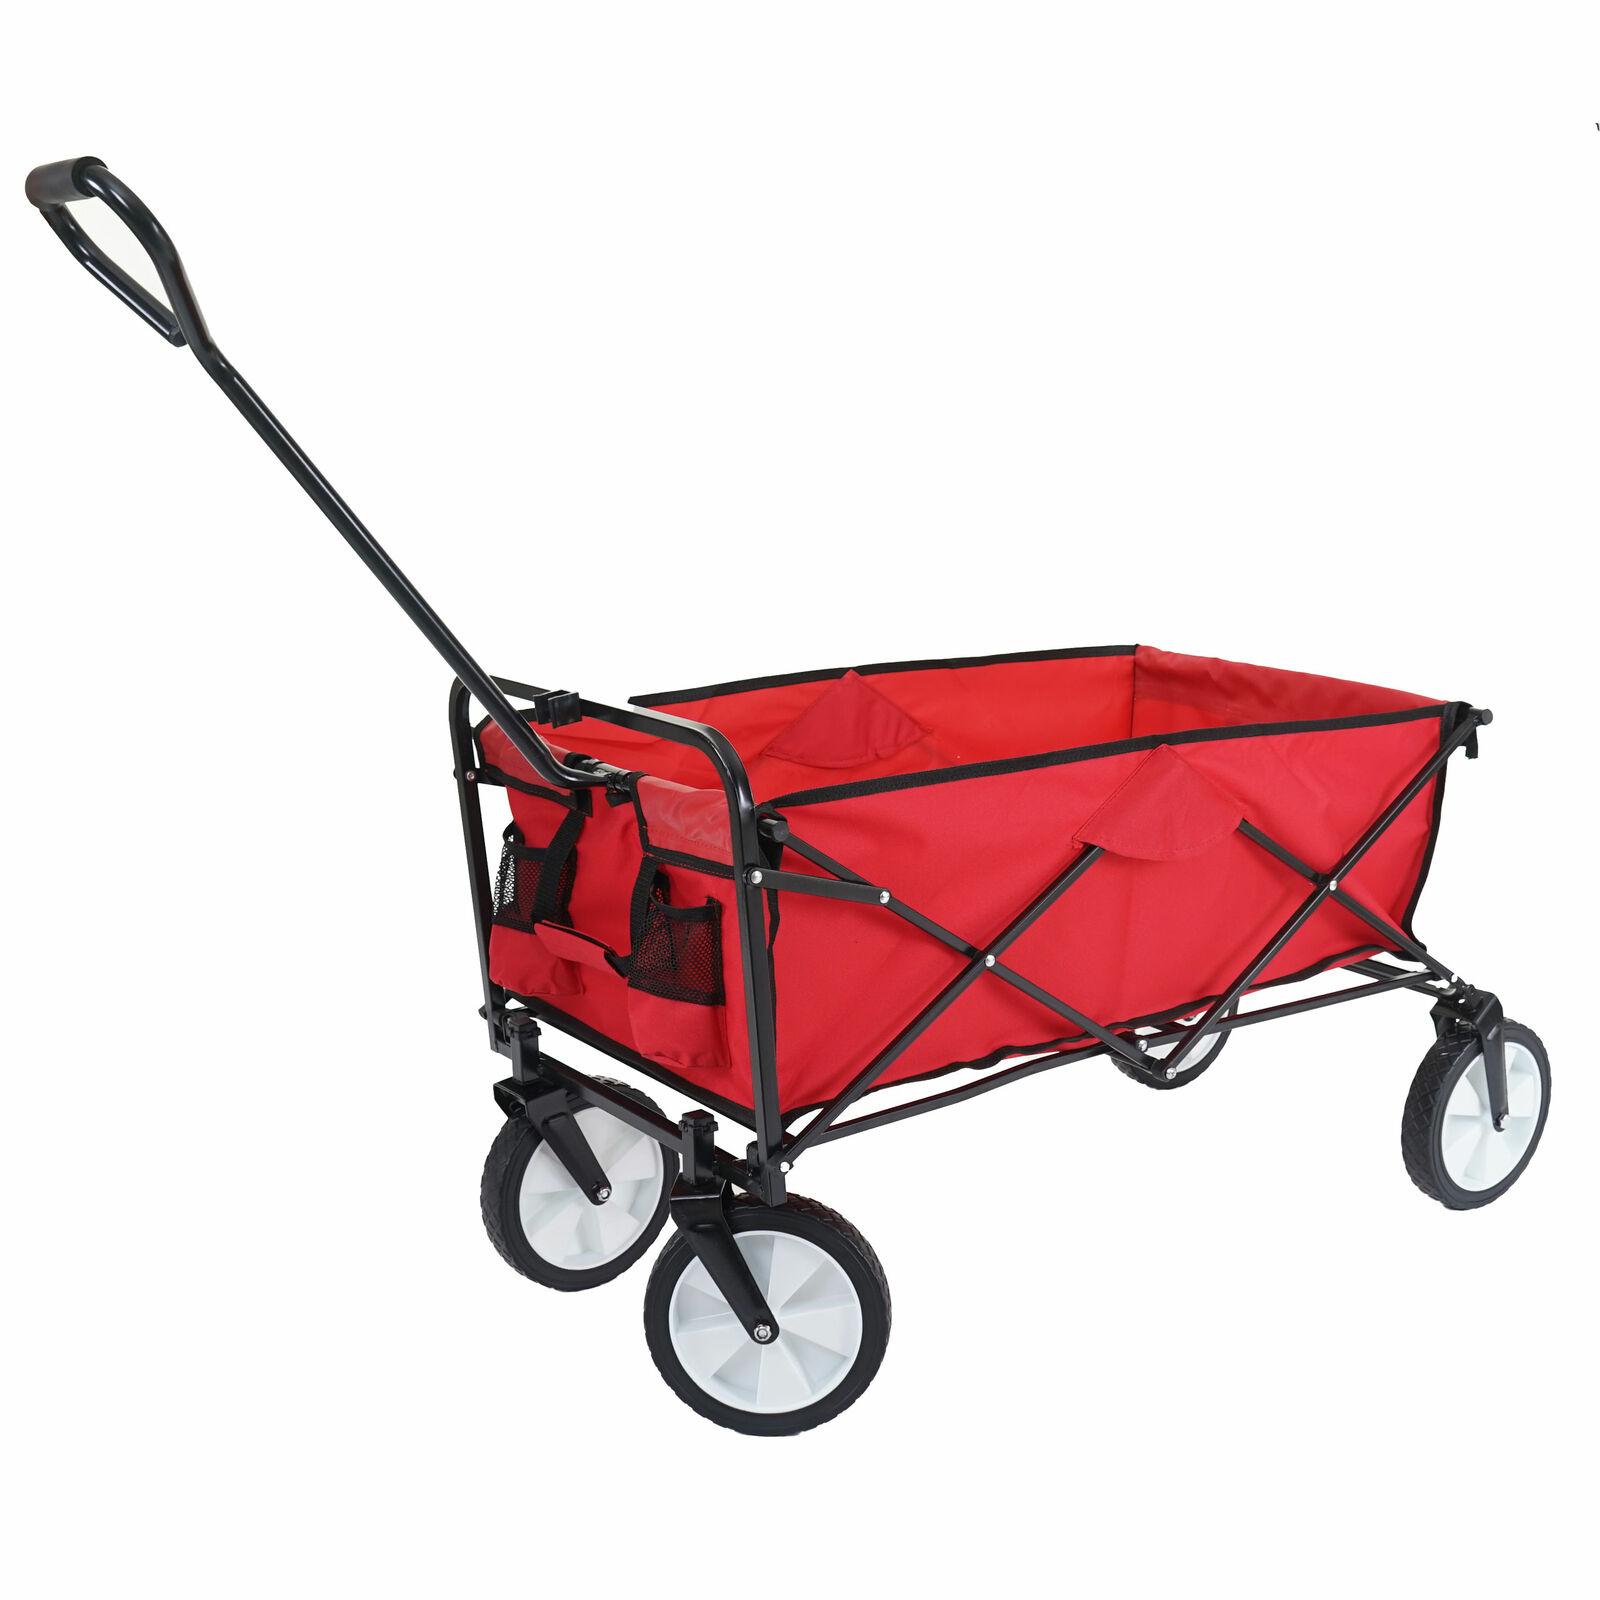 Faltbarer Bollerwagen HWC-E38 Handwagen klappbar ohne ohne ohne Dach Hecktasche rot 9d5835